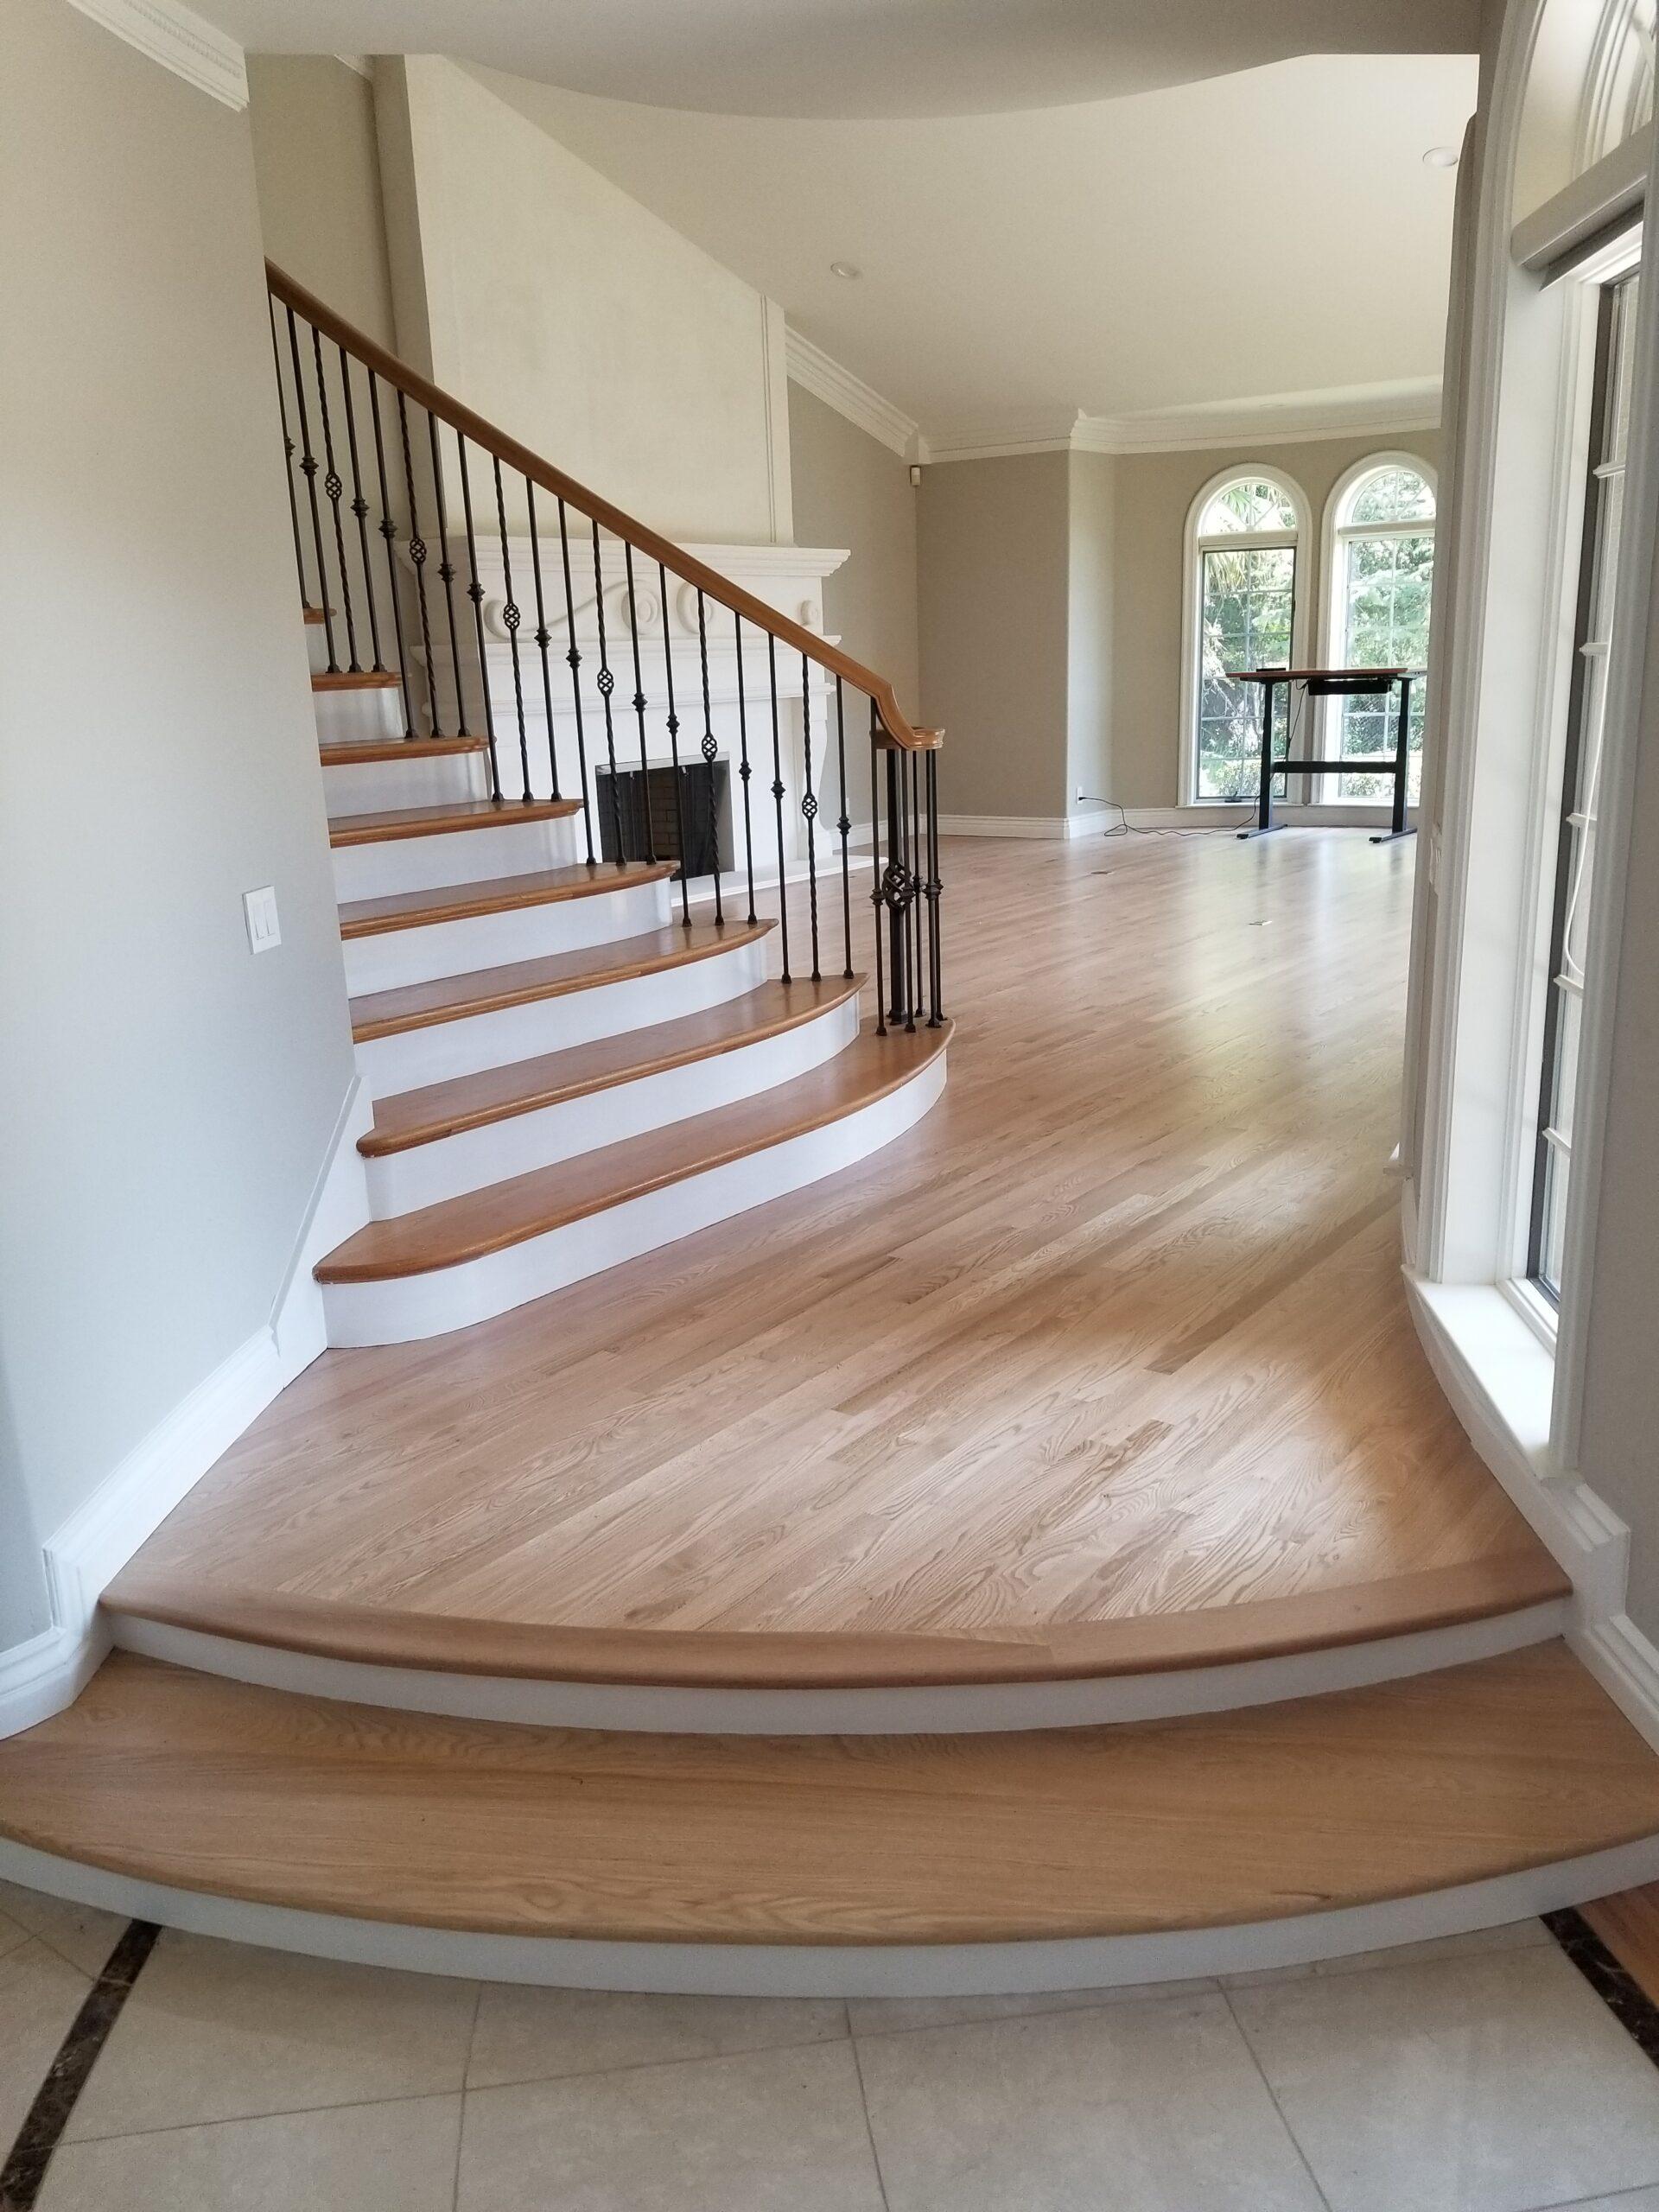 After wood flooring repairs